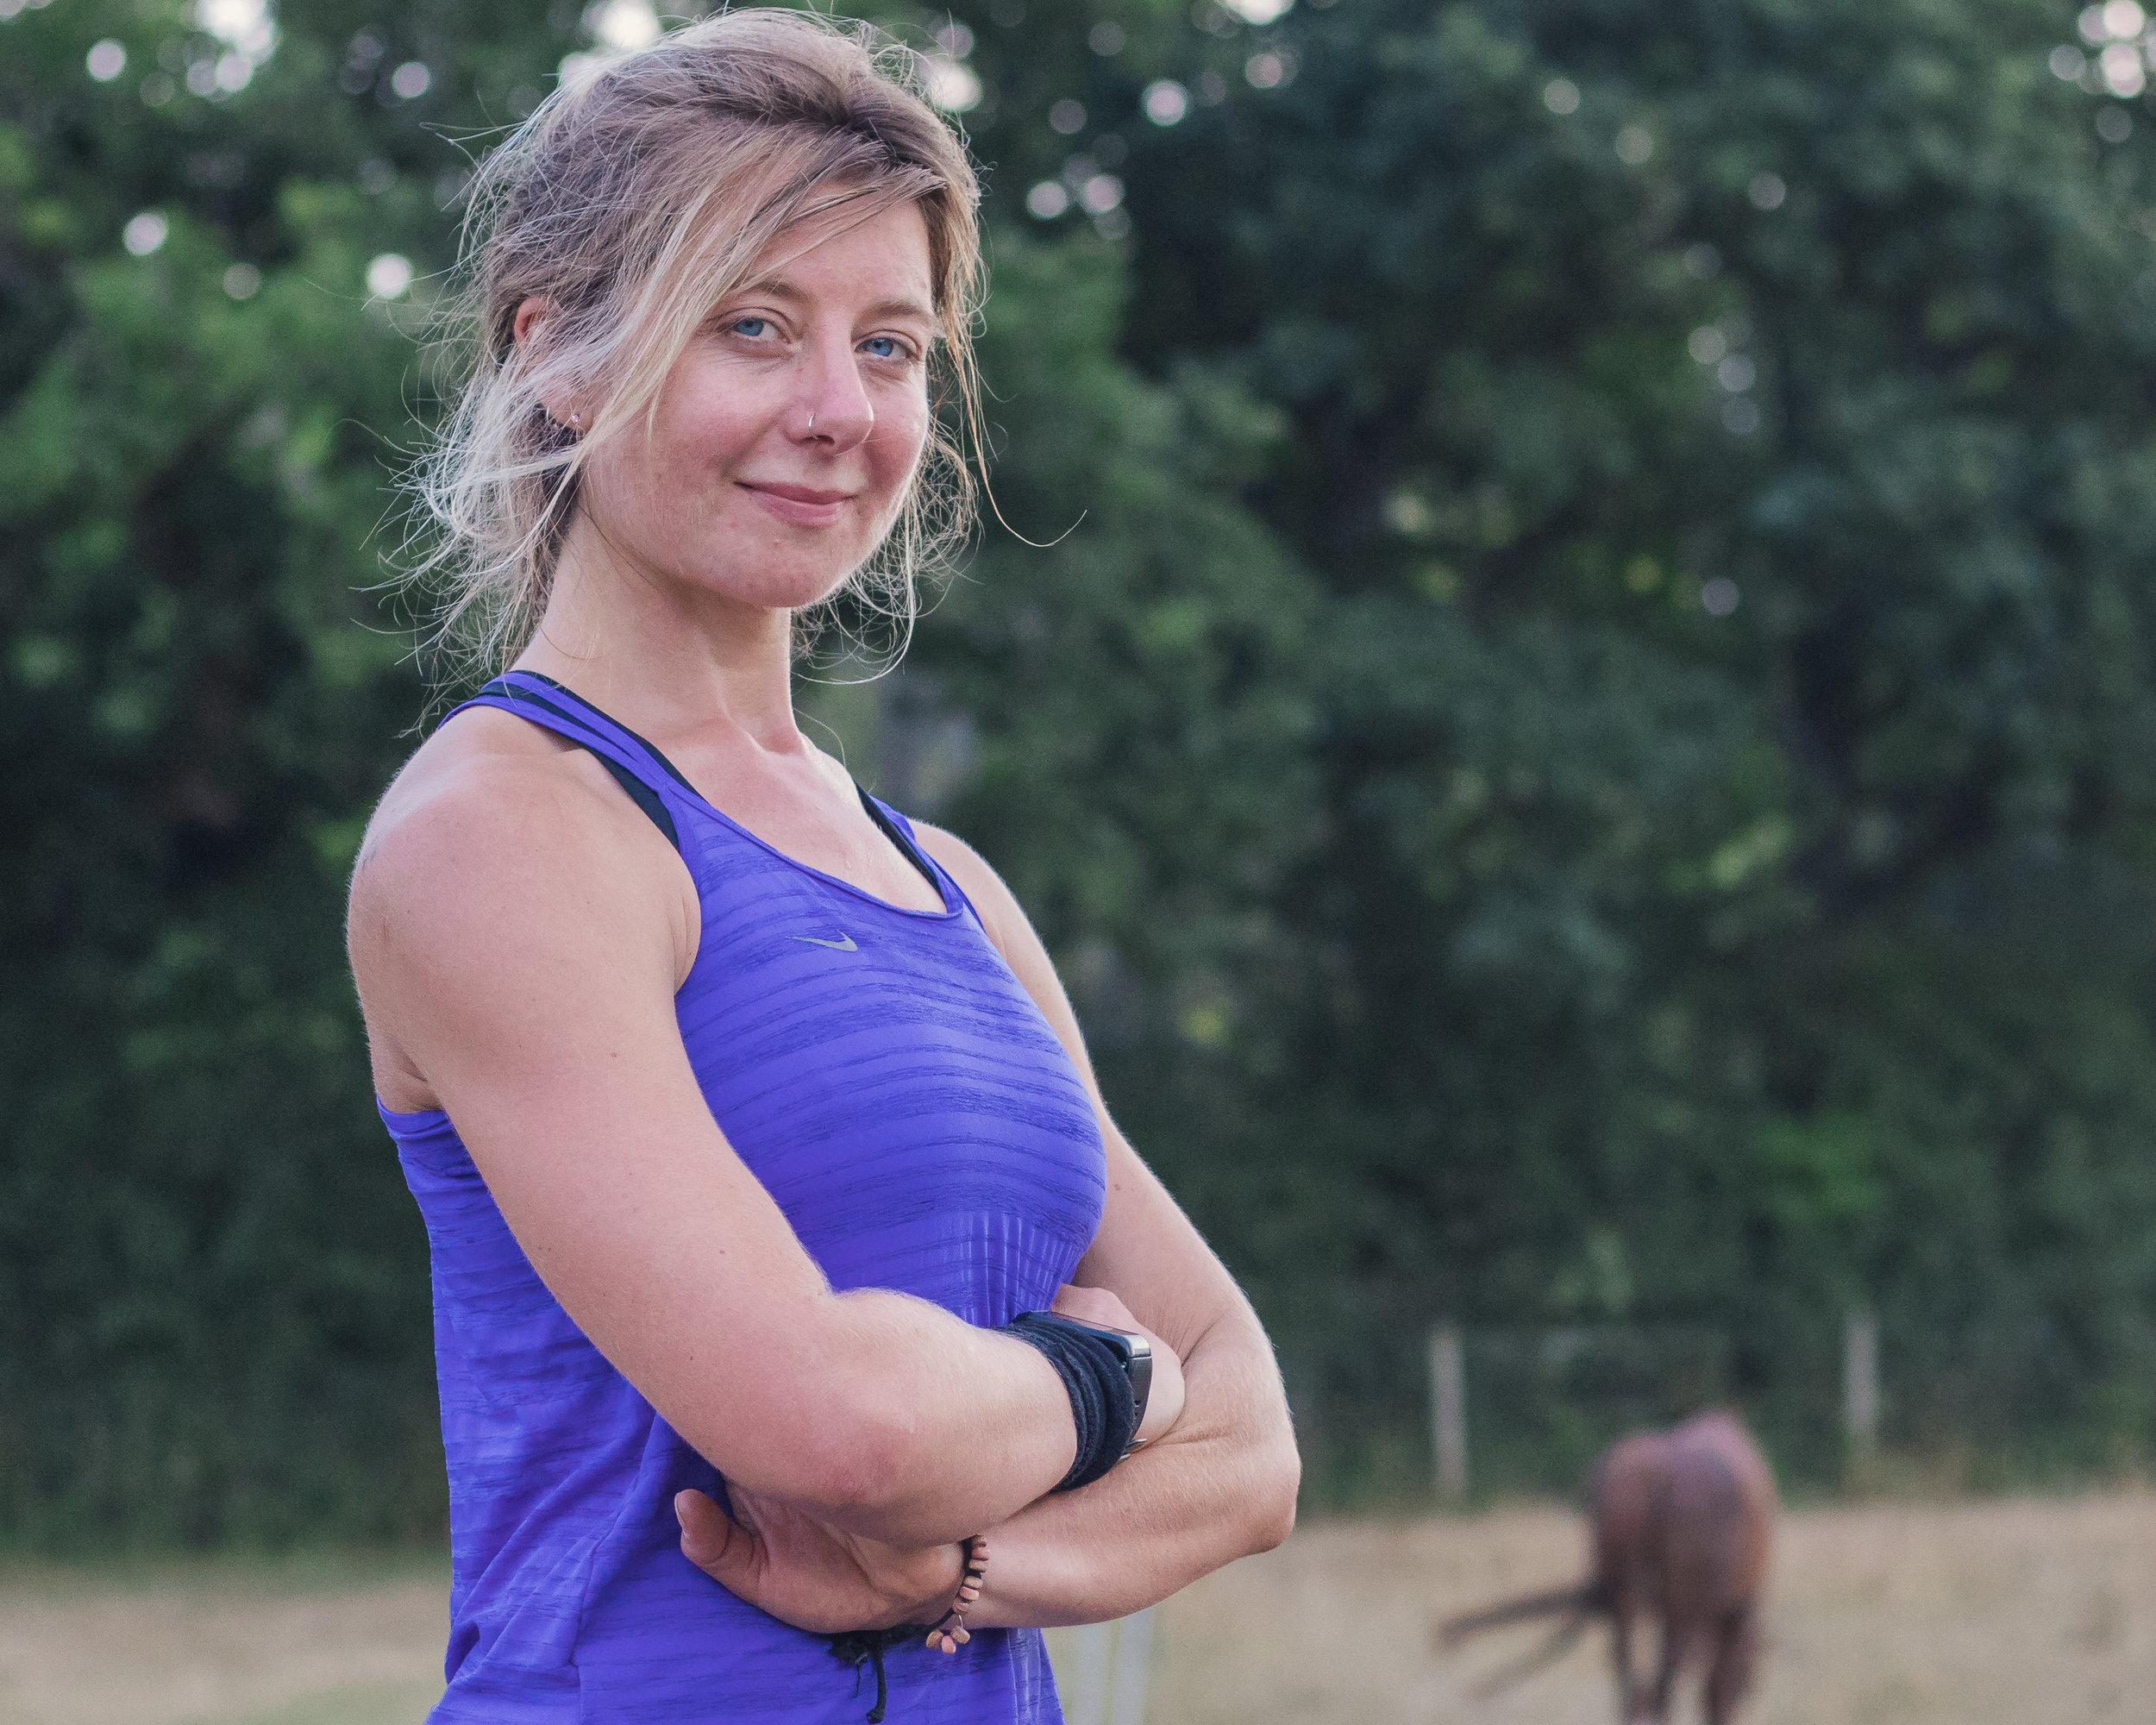 Best Nootropics UK Academic Juliette Norman for Earthly Biotics